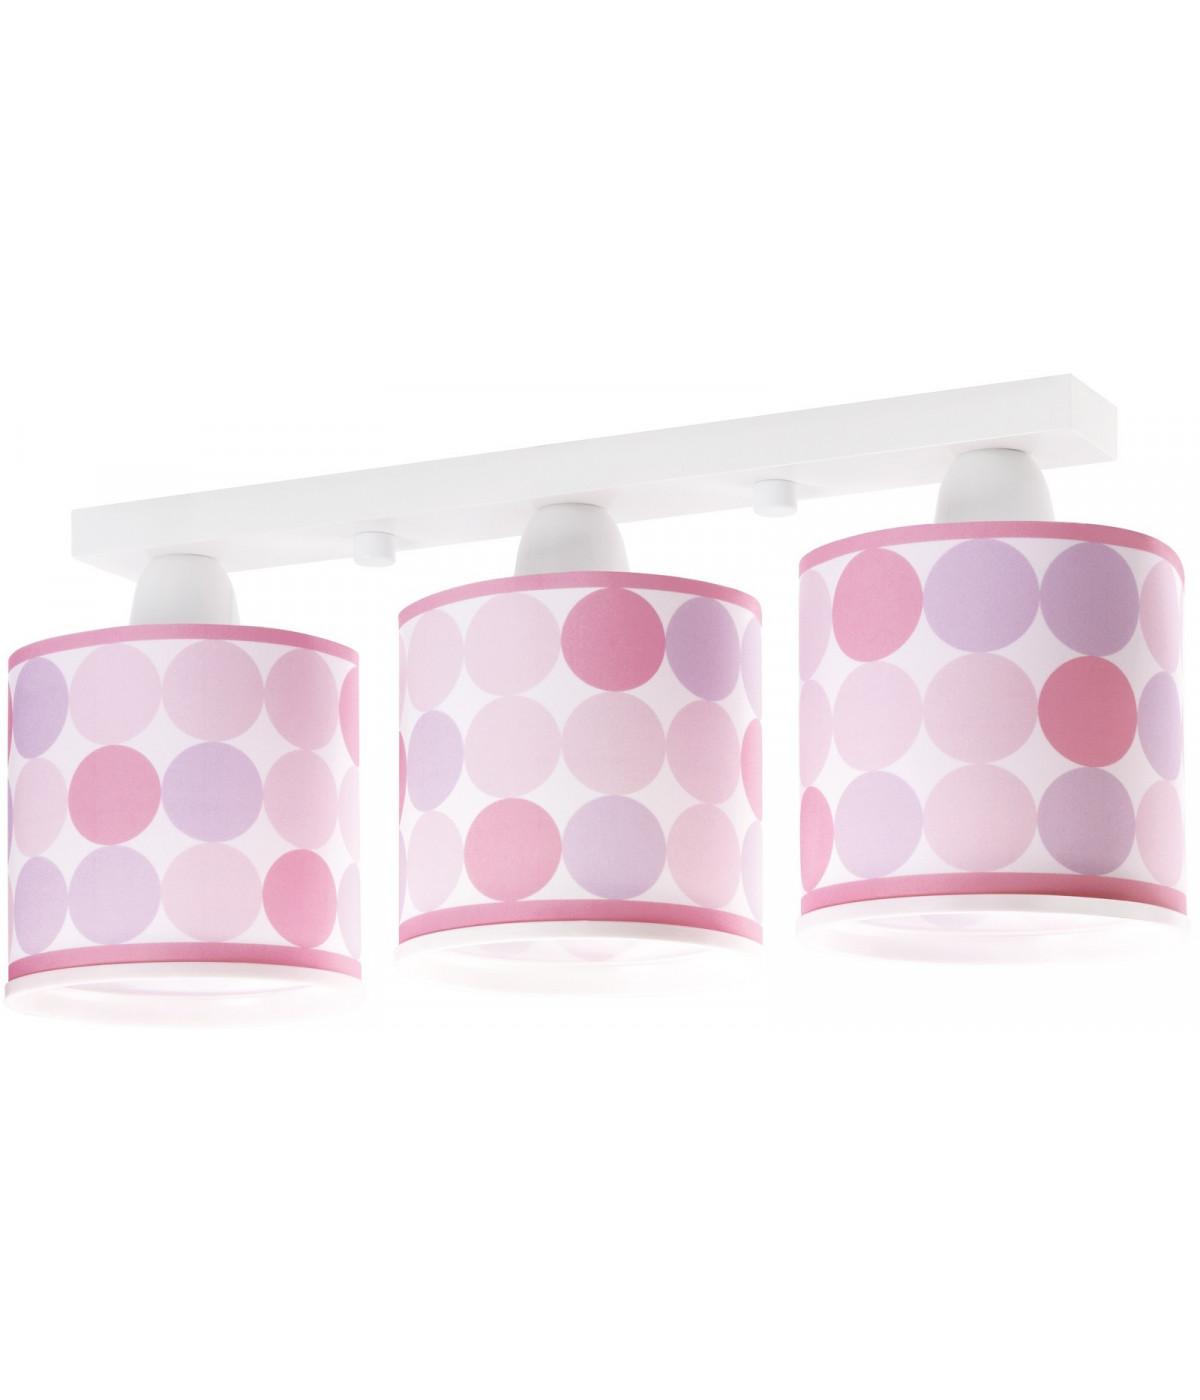 Lámpara Infantil de techo Plafón Infantil 3 Luces Colors Rosa